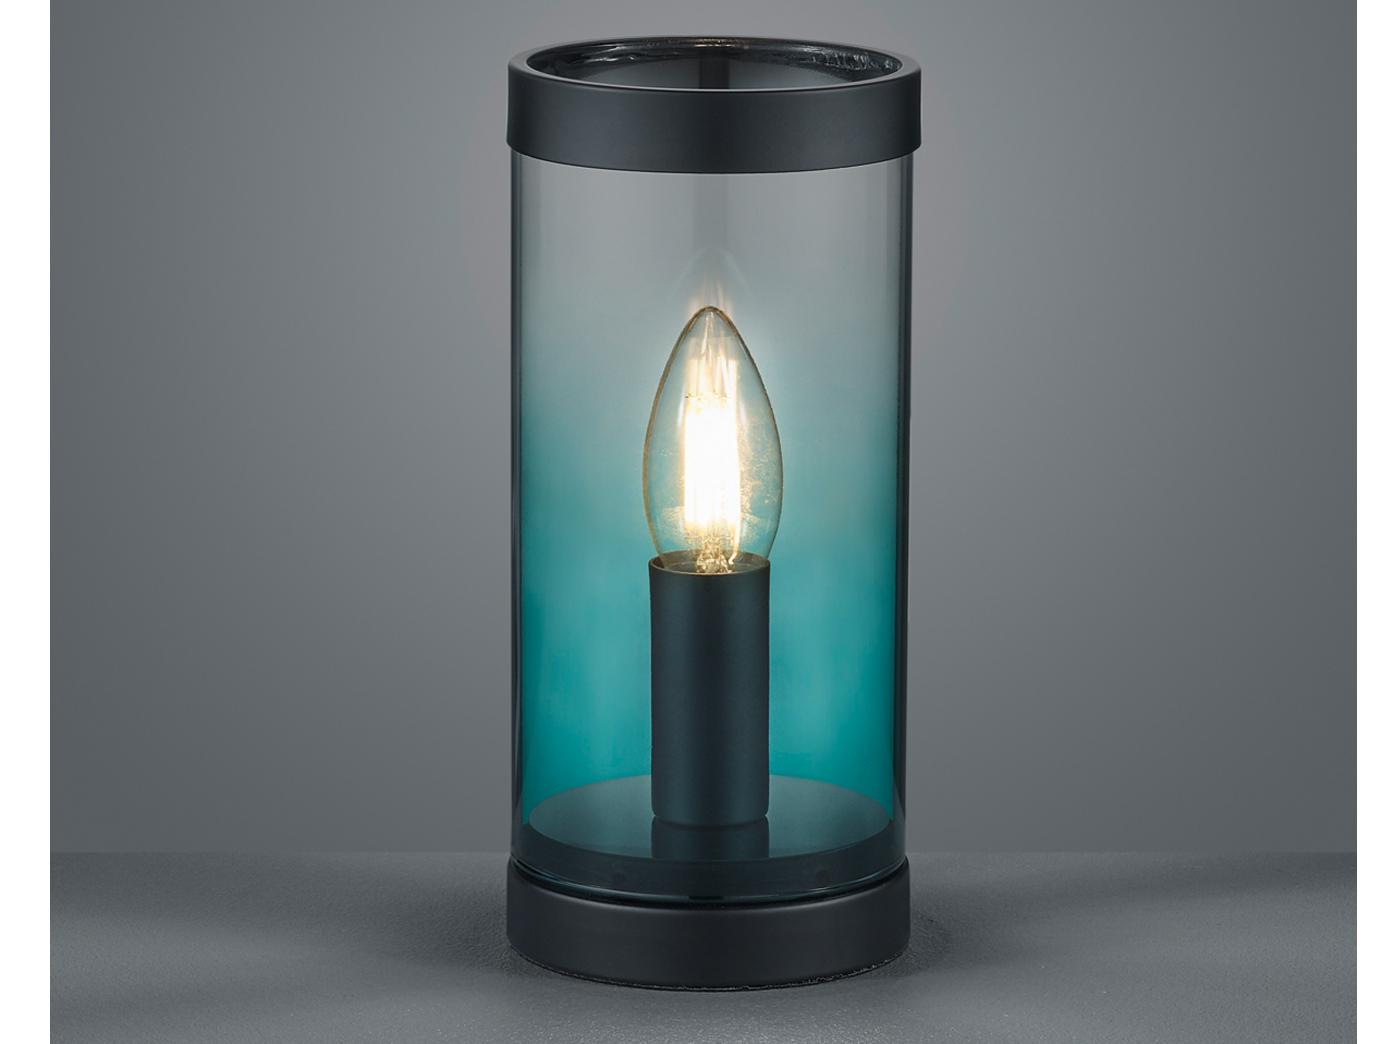 Designer LED Tischleuchten moderner Glaslampenschirm runde Stehlampen RETROLOOK